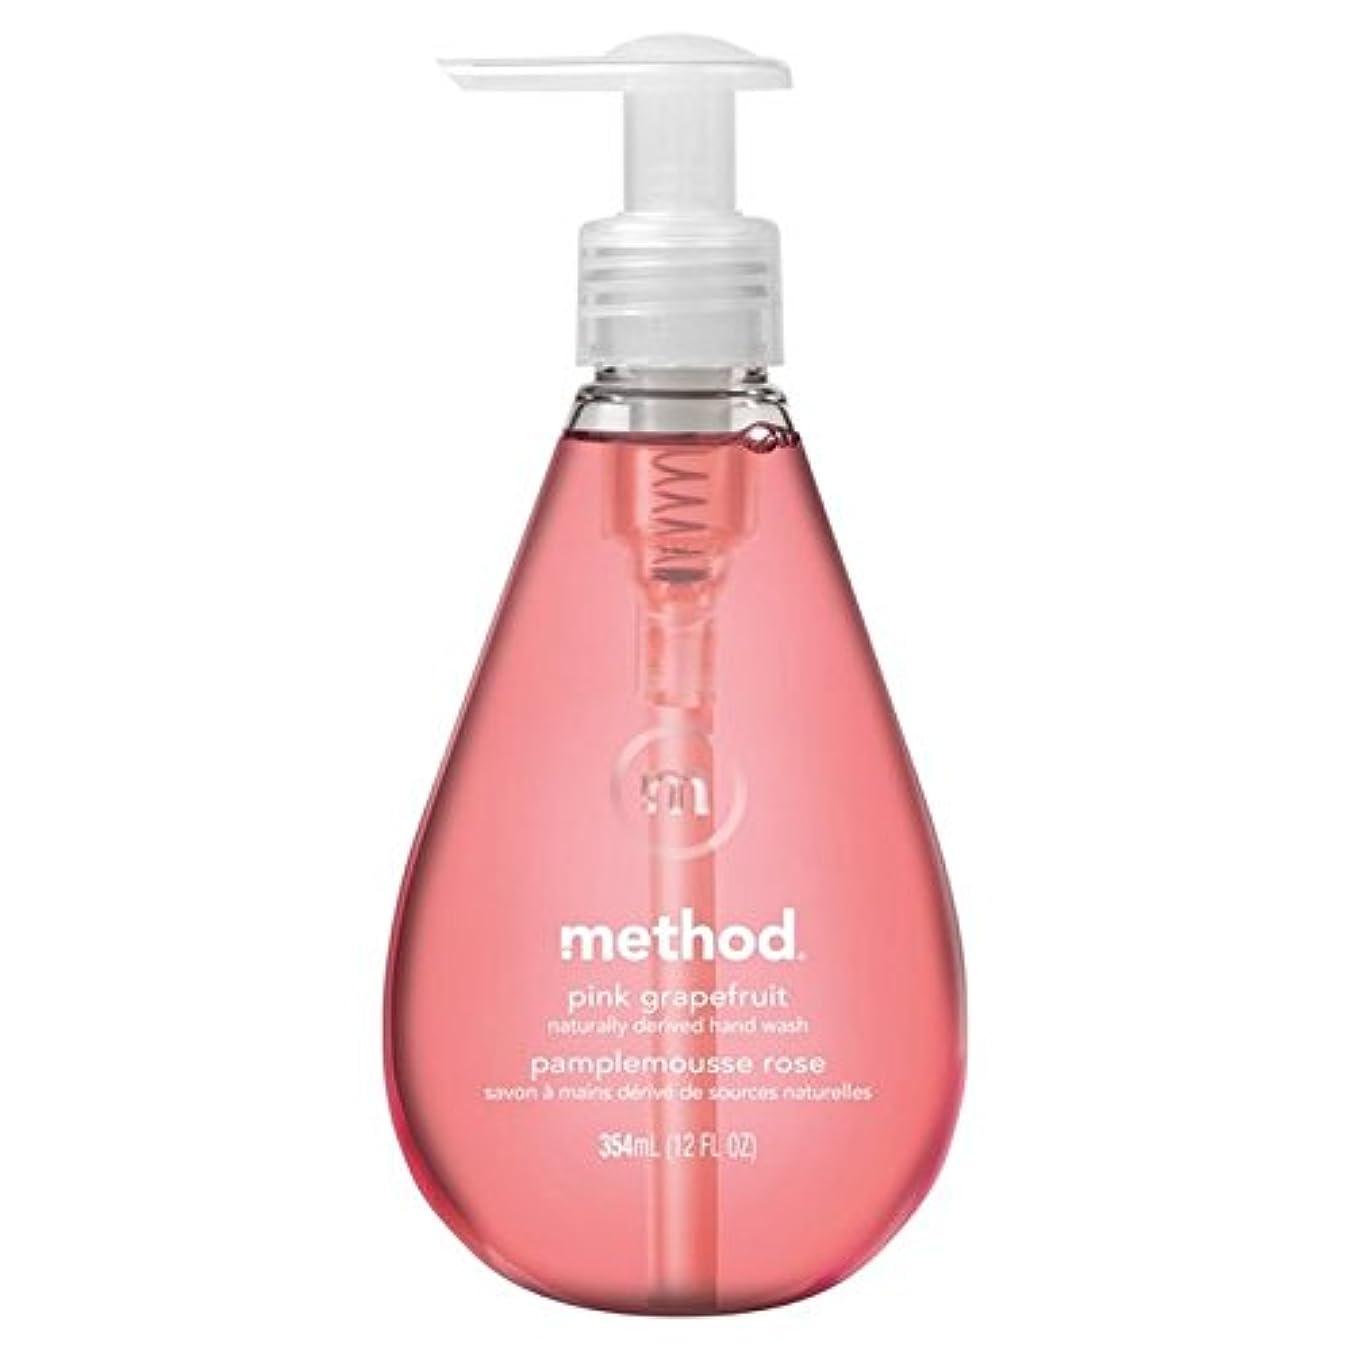 段落ロイヤリティ平方Method Pink Grapefruit Handsoap 354ml (Pack of 6) - メソッドピンクグレープフルーツの354ミリリットル x6 [並行輸入品]